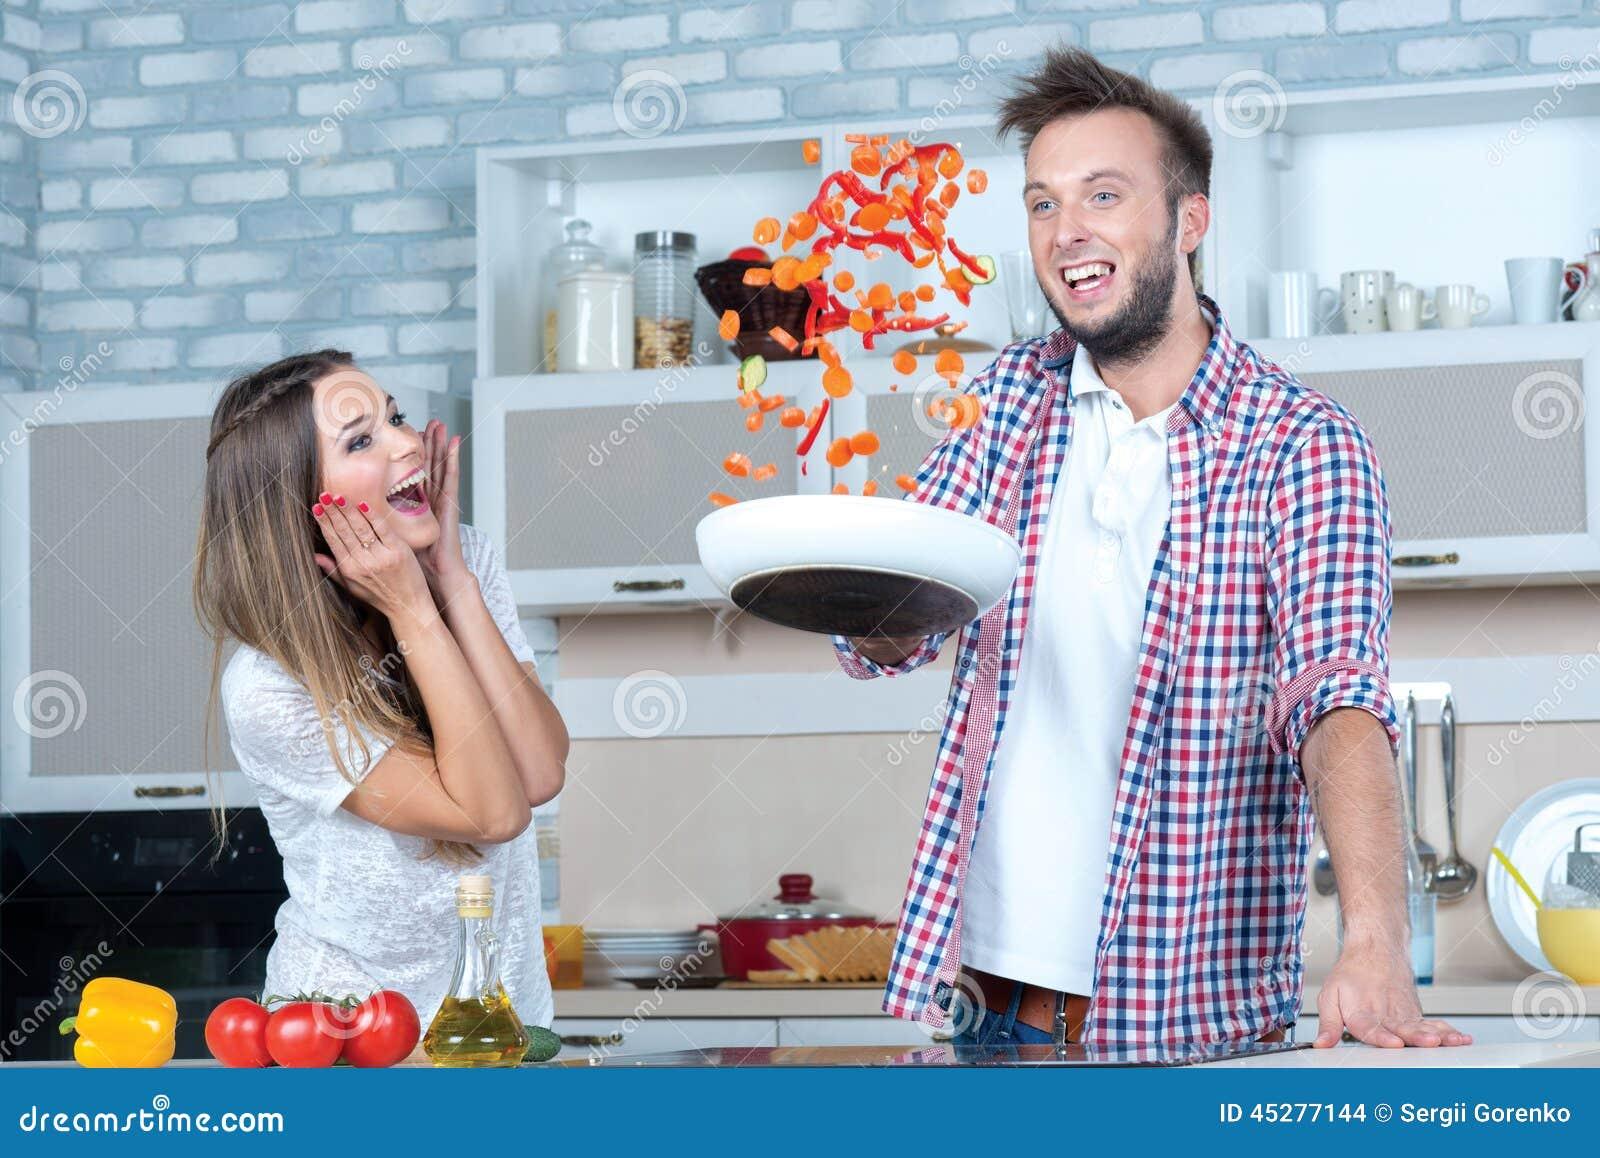 Grand amusement sur la cuisine le couple dans l 39 amour fait - Video amour dans la cuisine ...